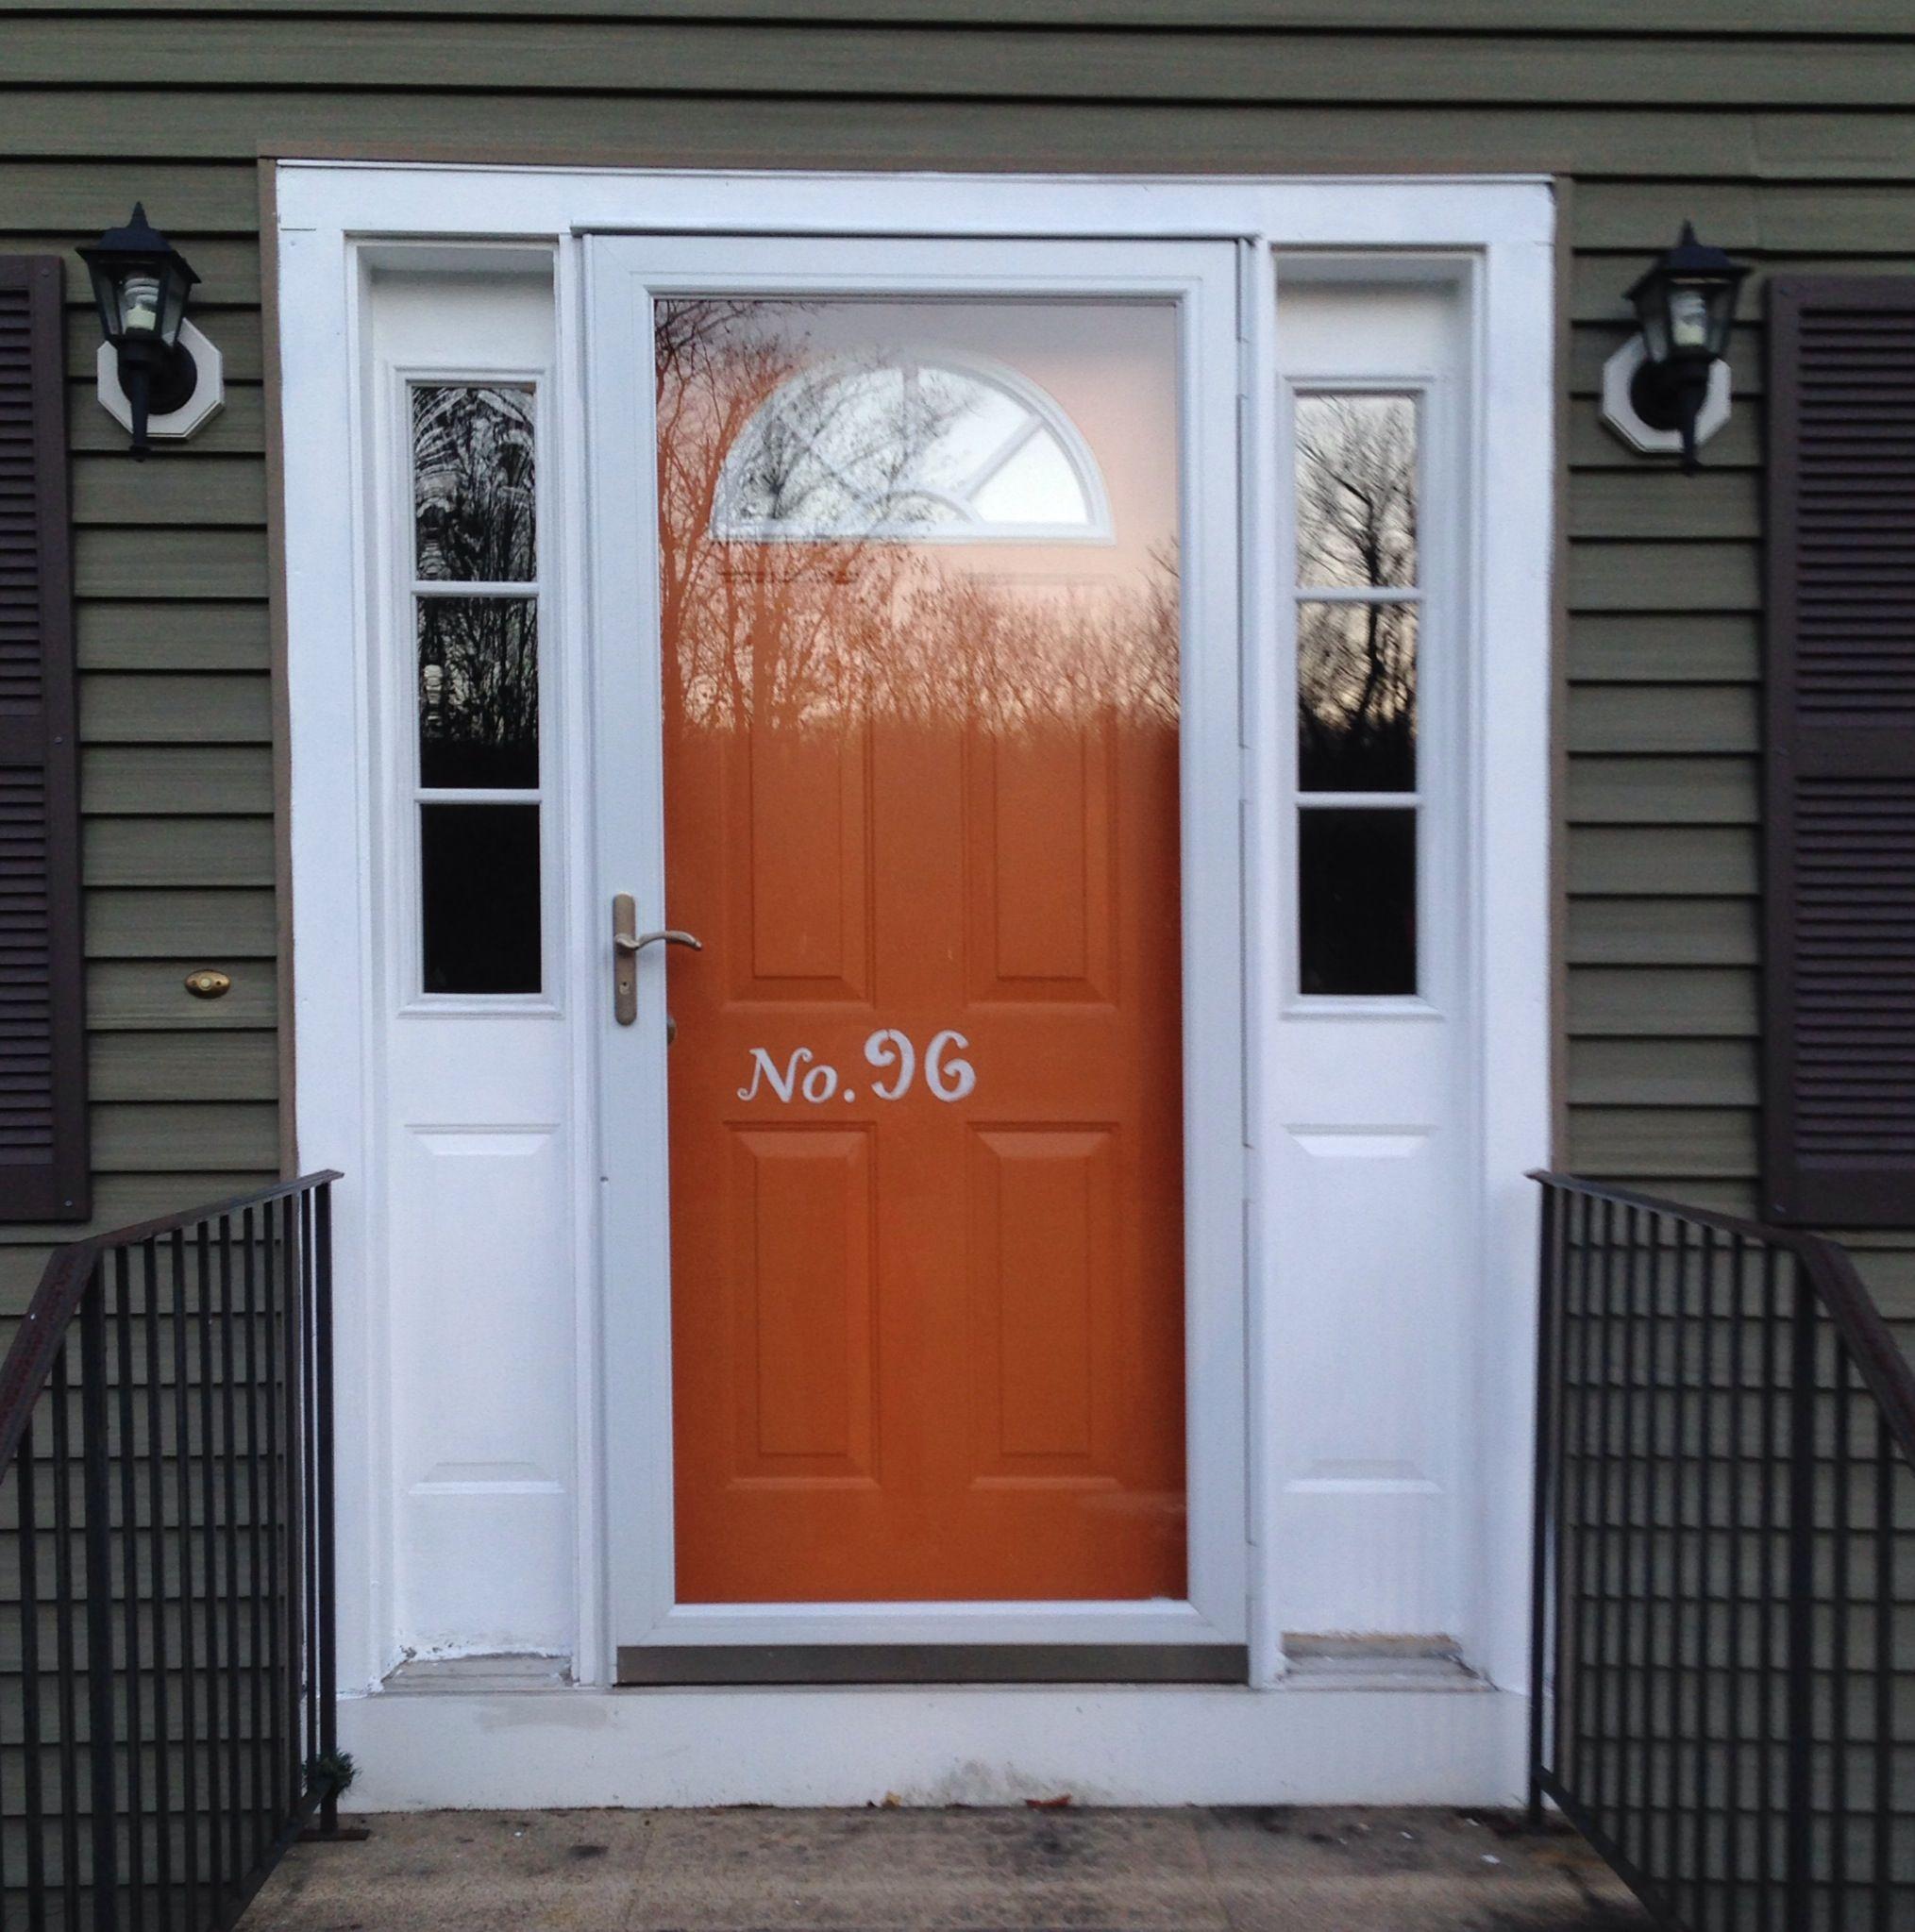 paint color marmalade glaze behr premium plus house on behr exterior house paint photos id=88681